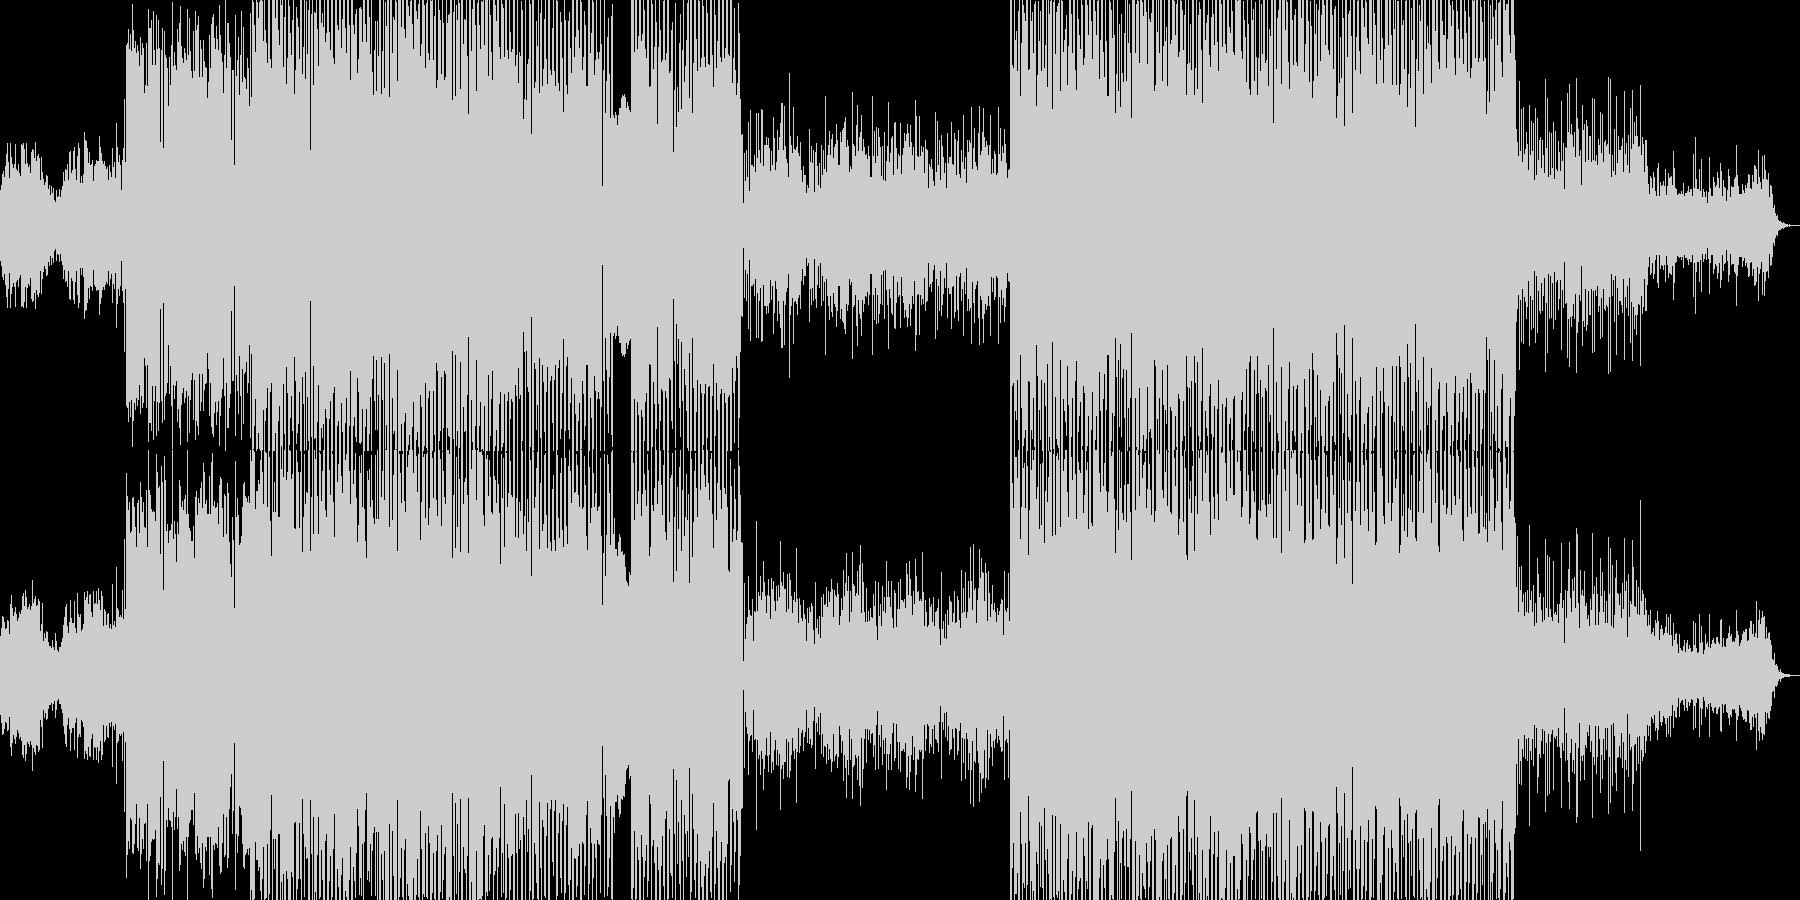 七夕×グルーヴをイメージした曲の未再生の波形